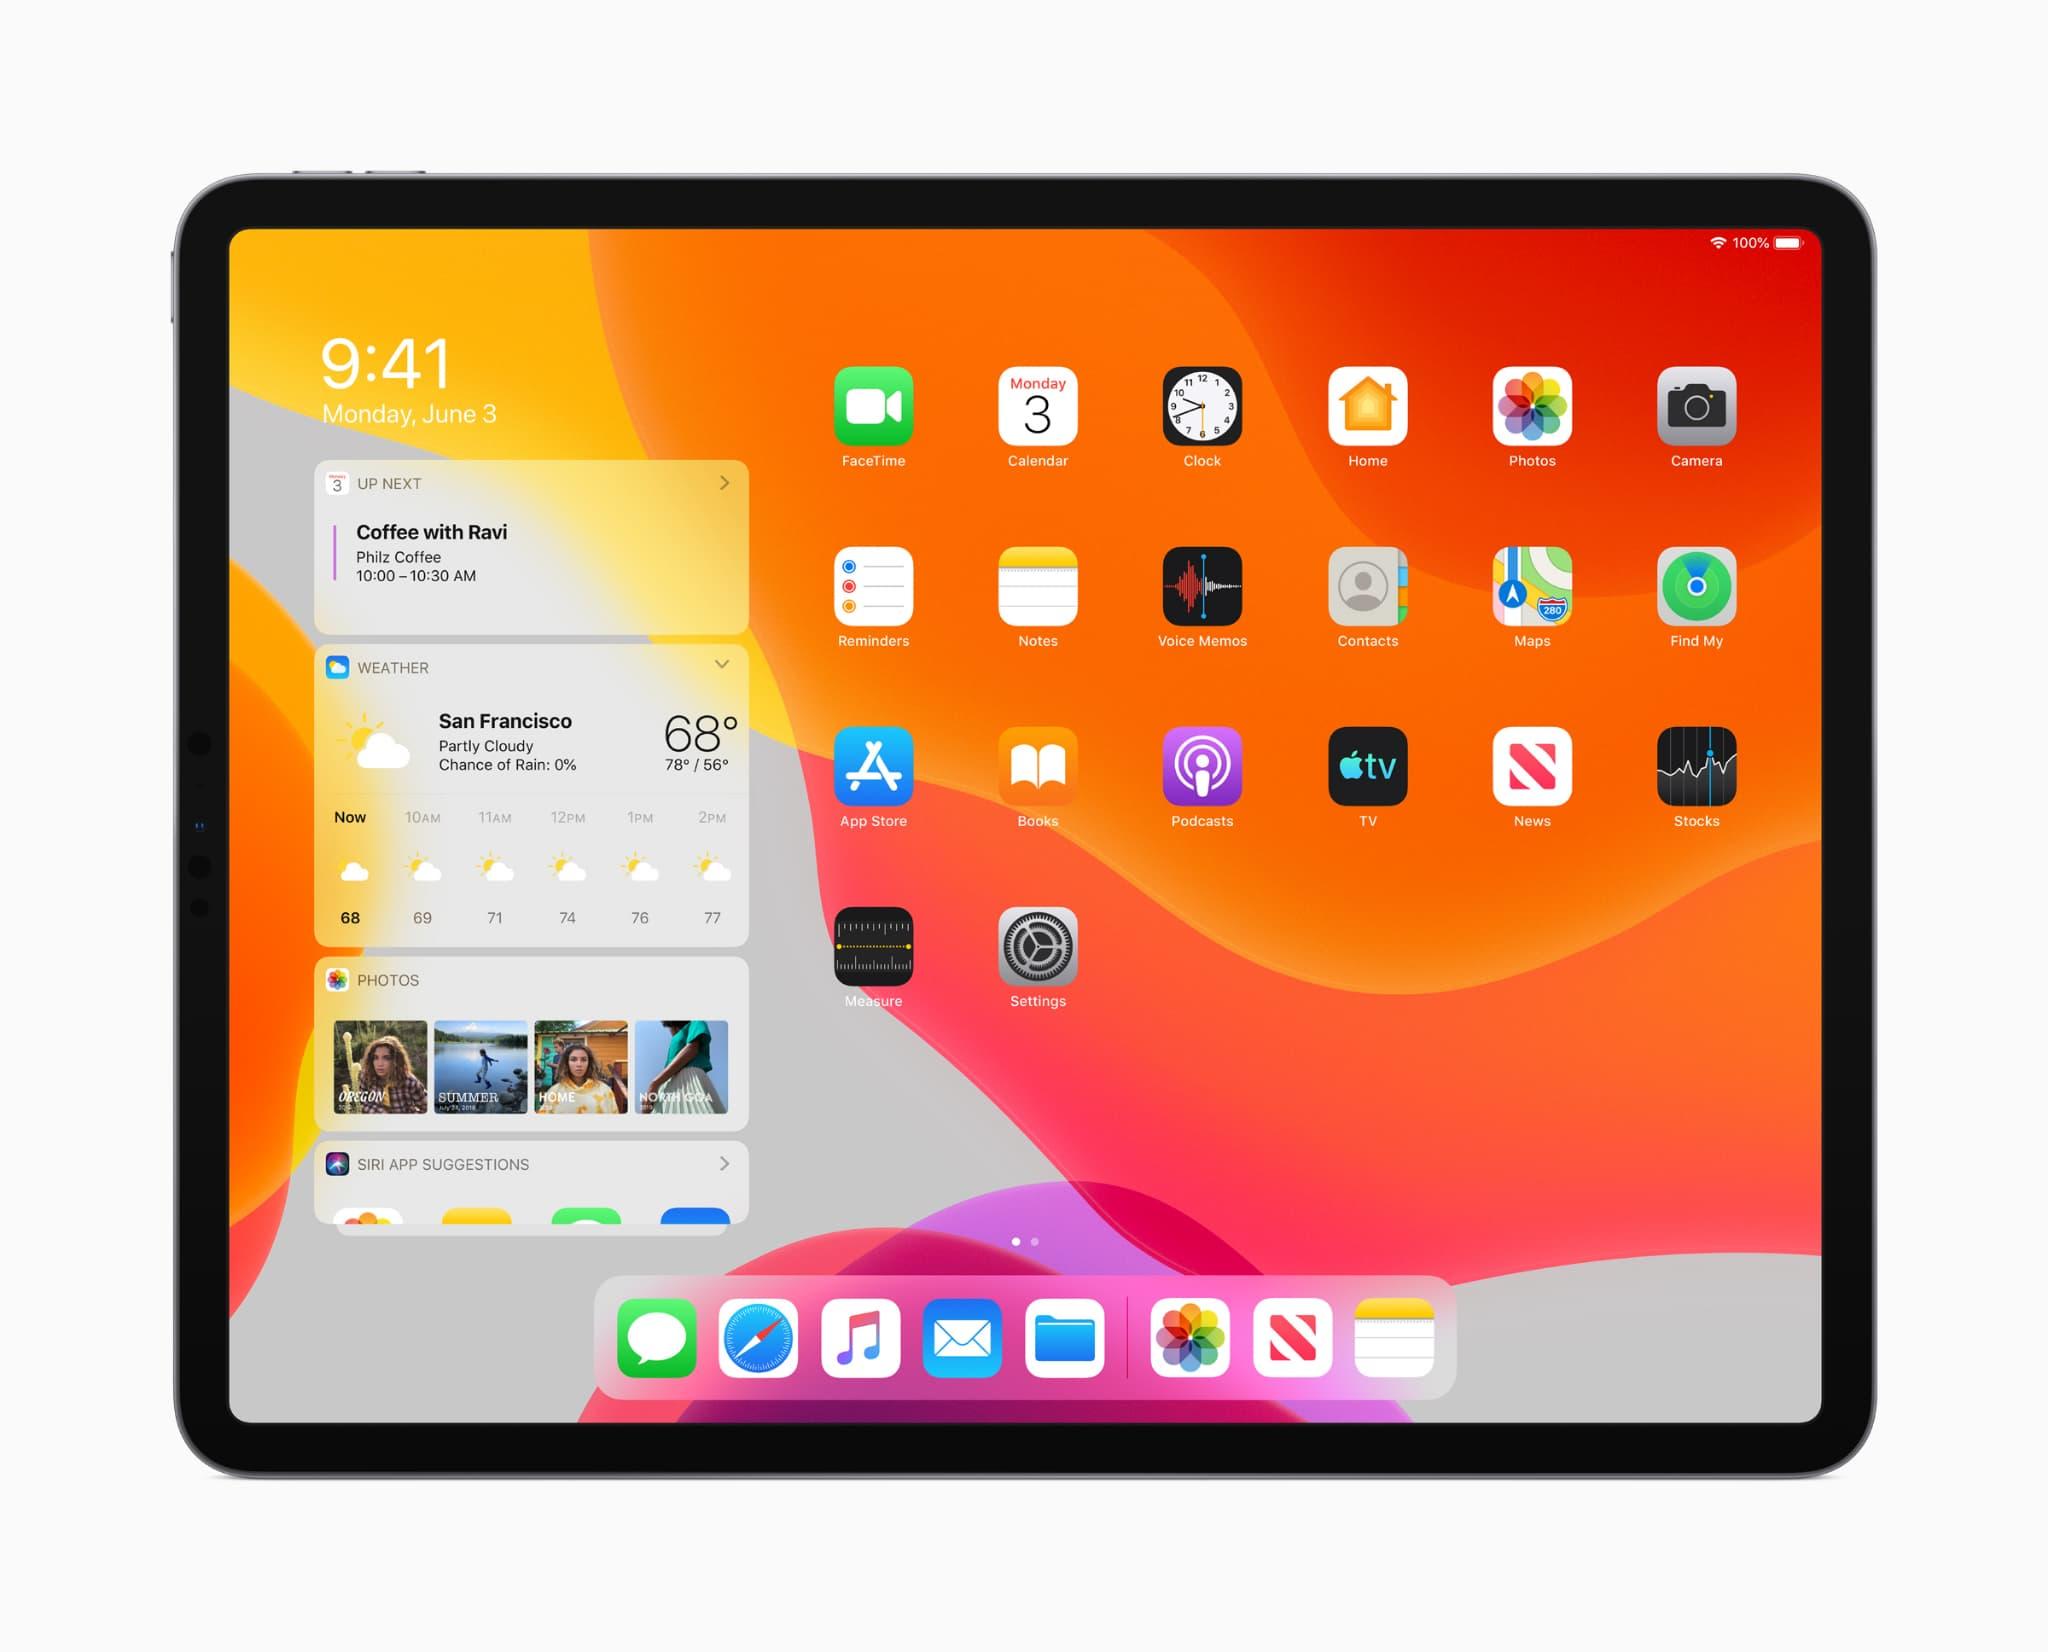 Nouvel iOS pour l'iPad, comme présenté par Apple au WWDC 2019, plus adapté aux tablettes.